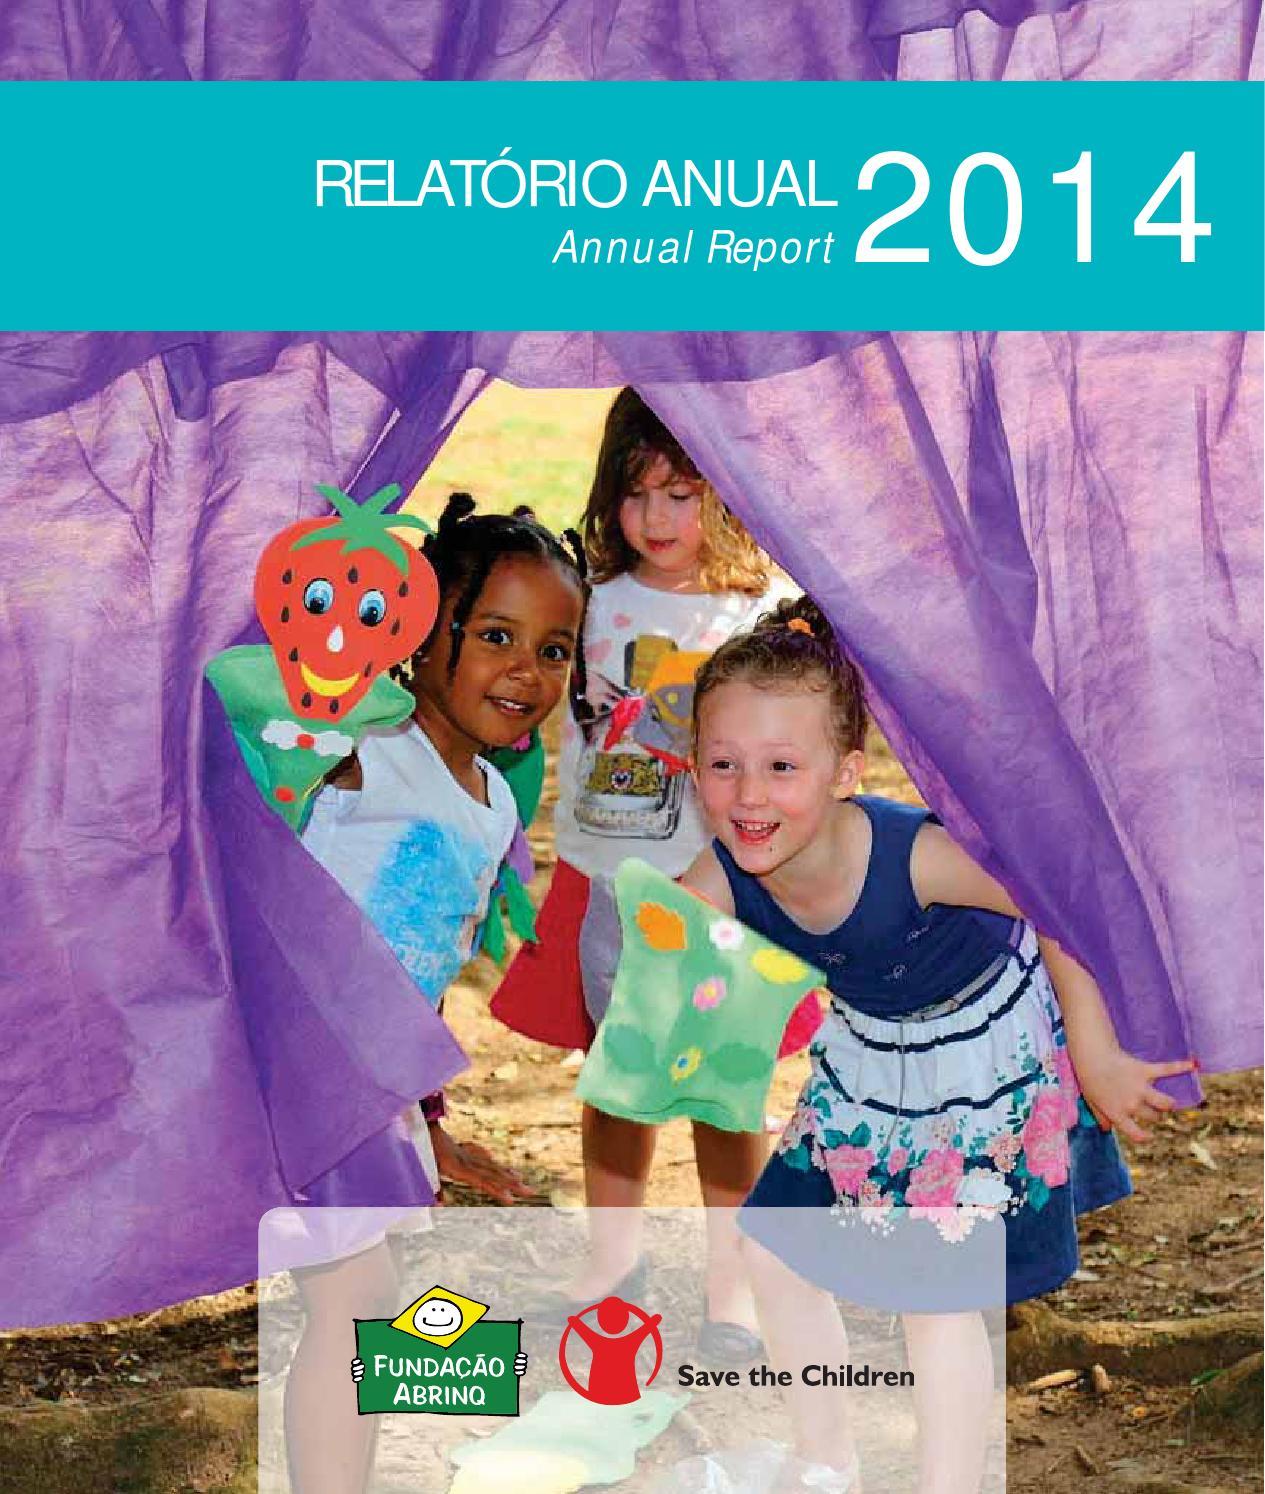 Relatorio Anual 2014 - Fundação Abrinq by Fundação Abrinq - issuu 09eb0d30ed